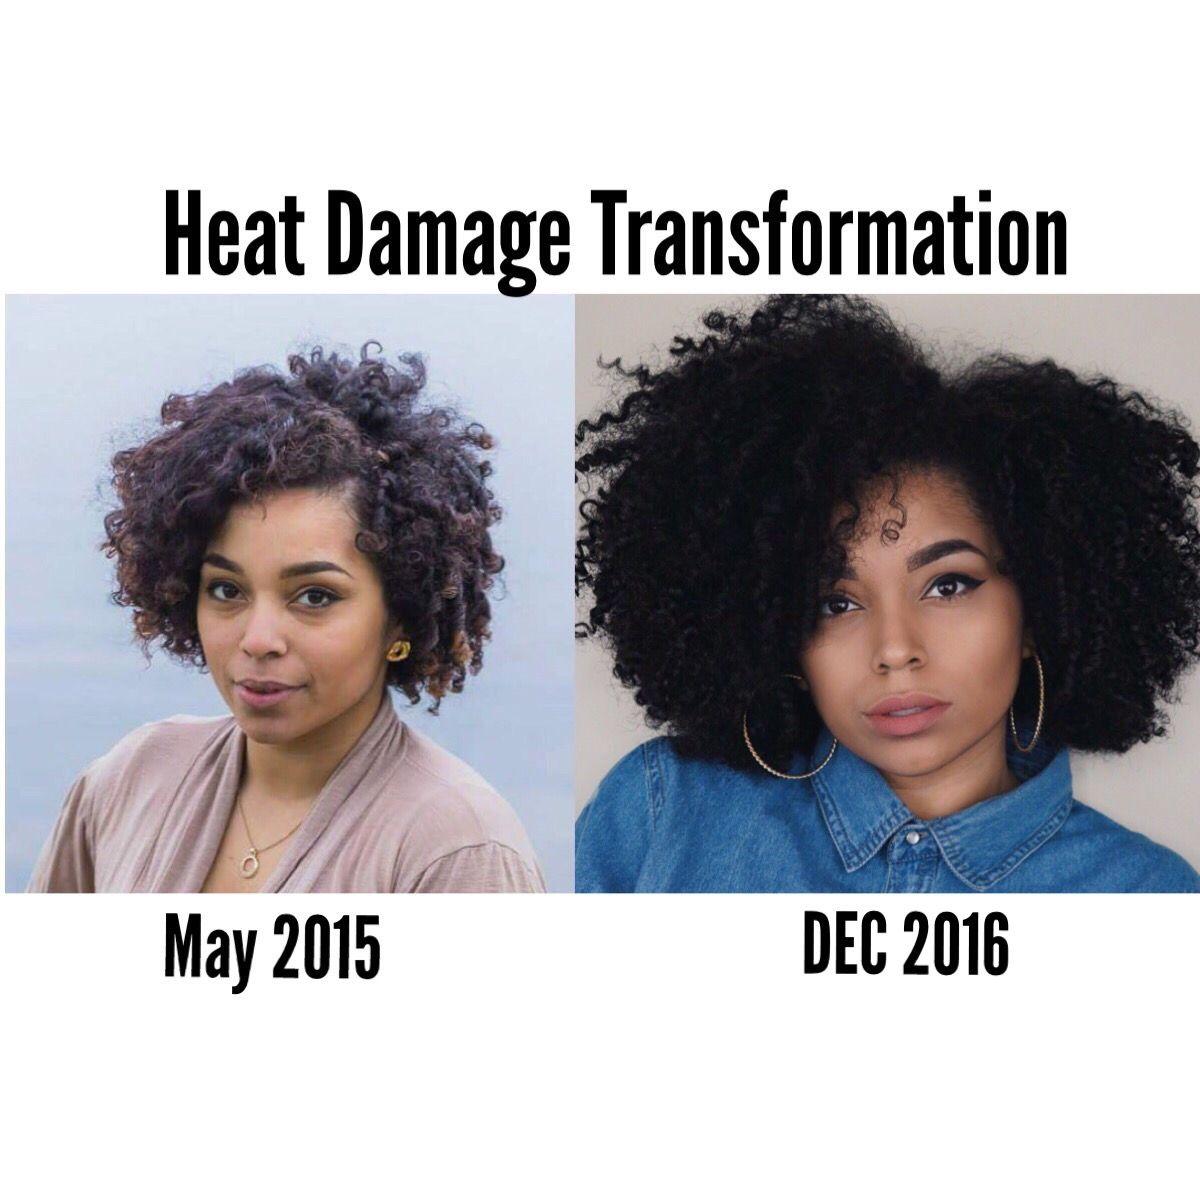 39c11774f3514a8aa6e8c12e8a8c3ccf - How To Get My Curly Hair Back After Heat Damage